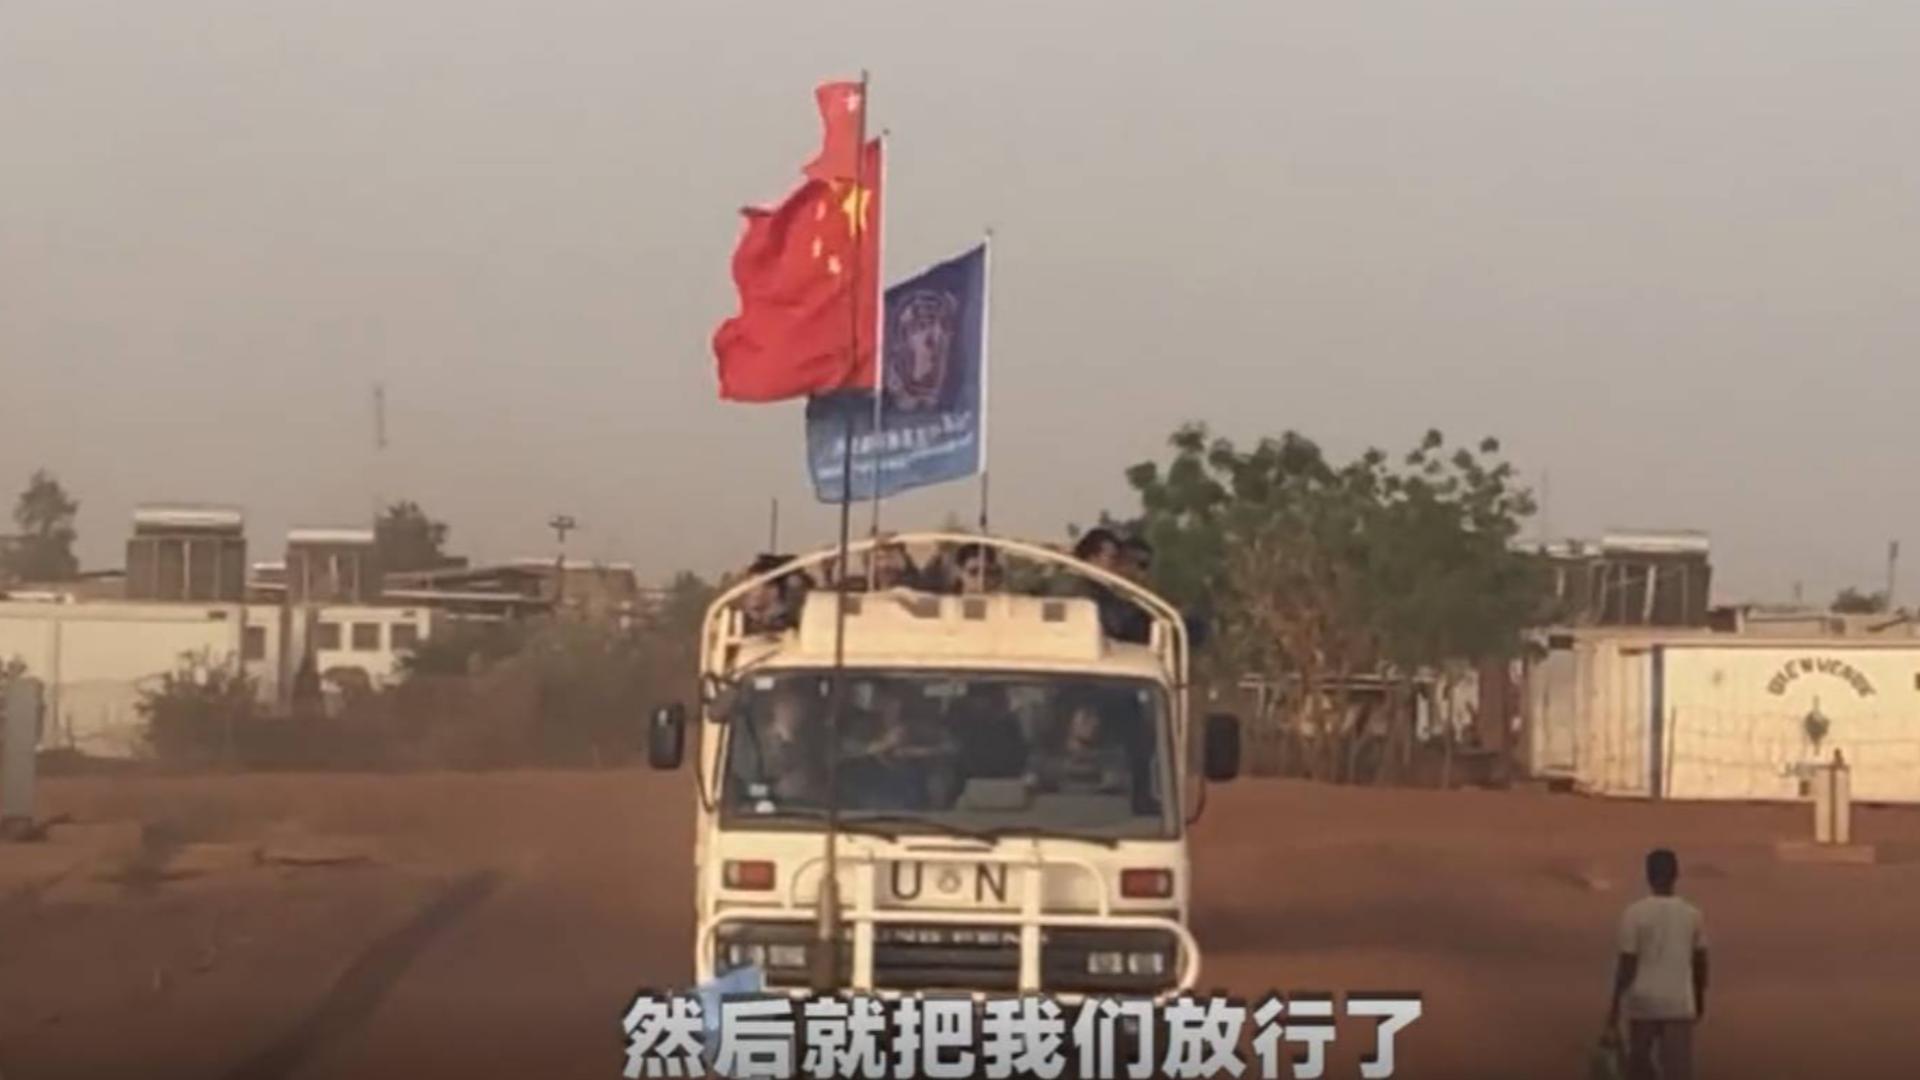 现实版《战狼》!叛军枪口对准中国维和军人,见五星红旗立刻放行